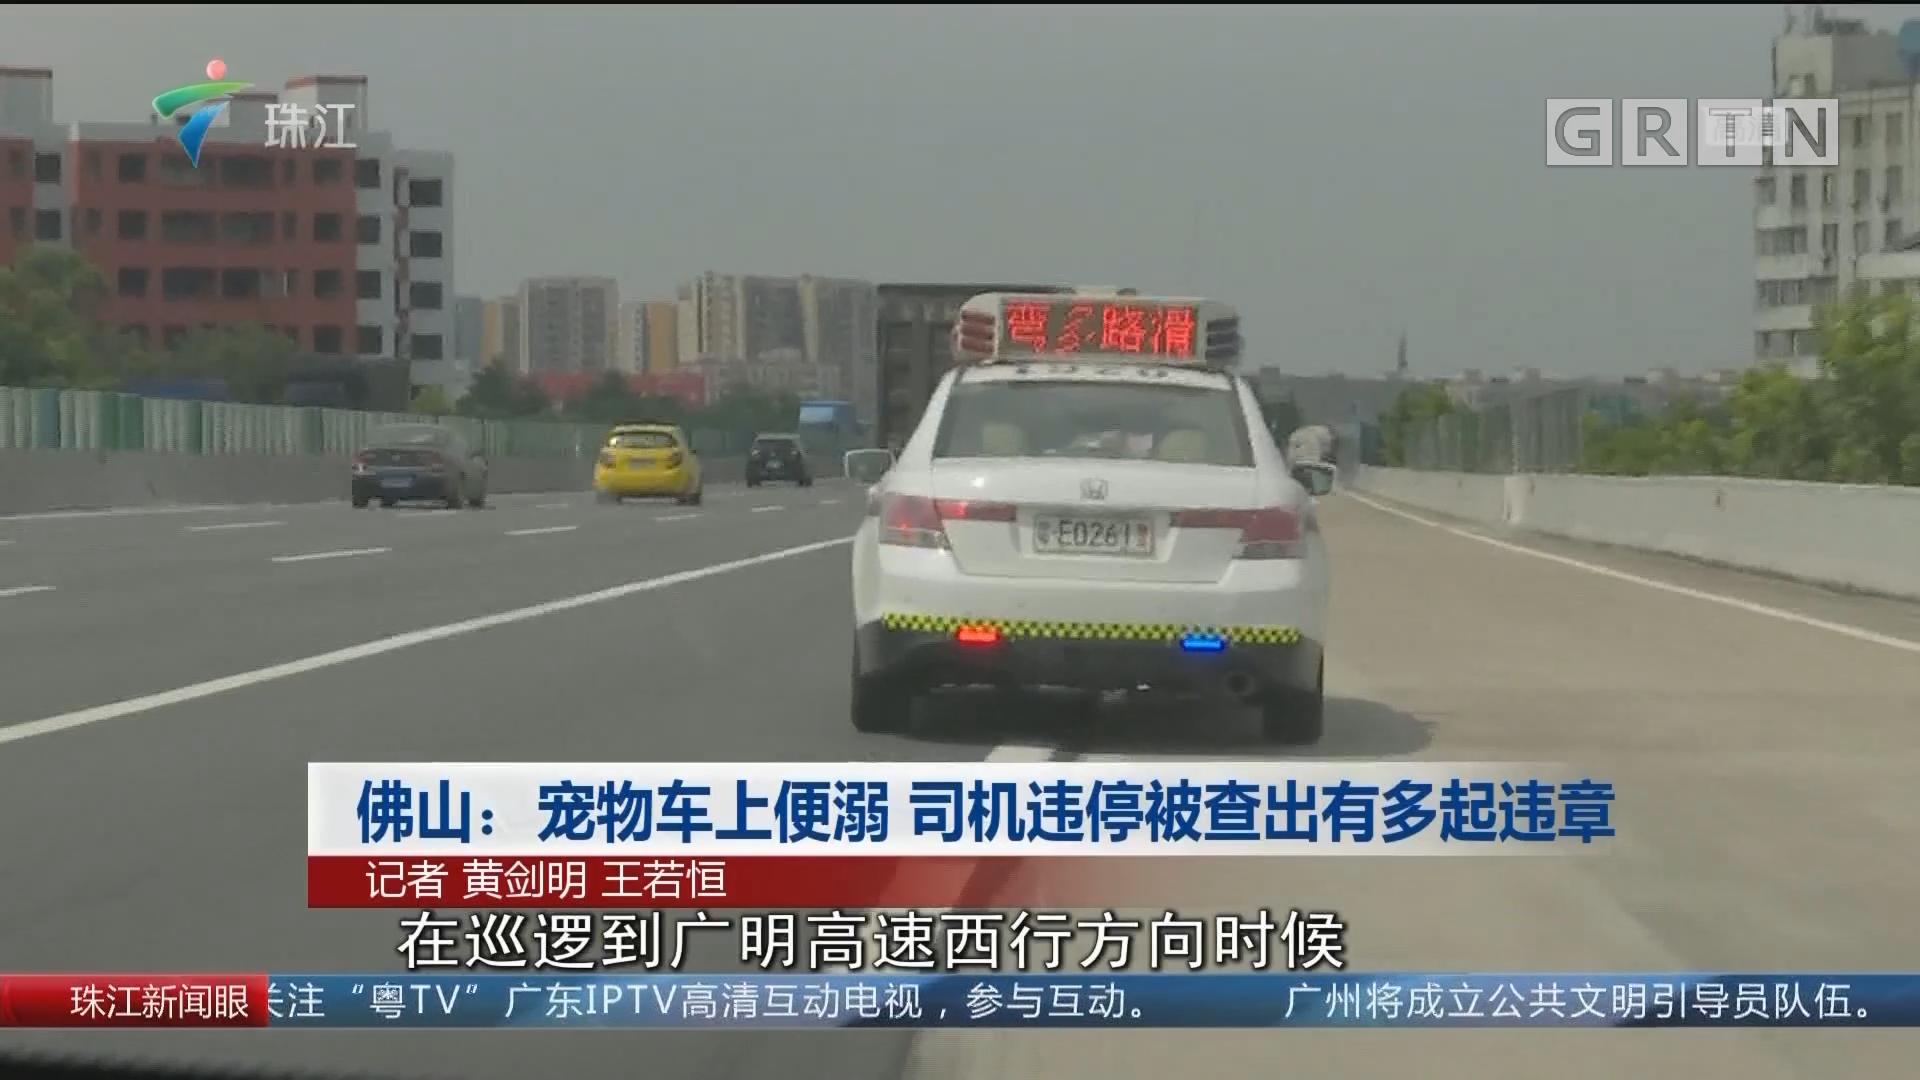 佛山:宠物车上便溺 司机违停被查出有多起违章